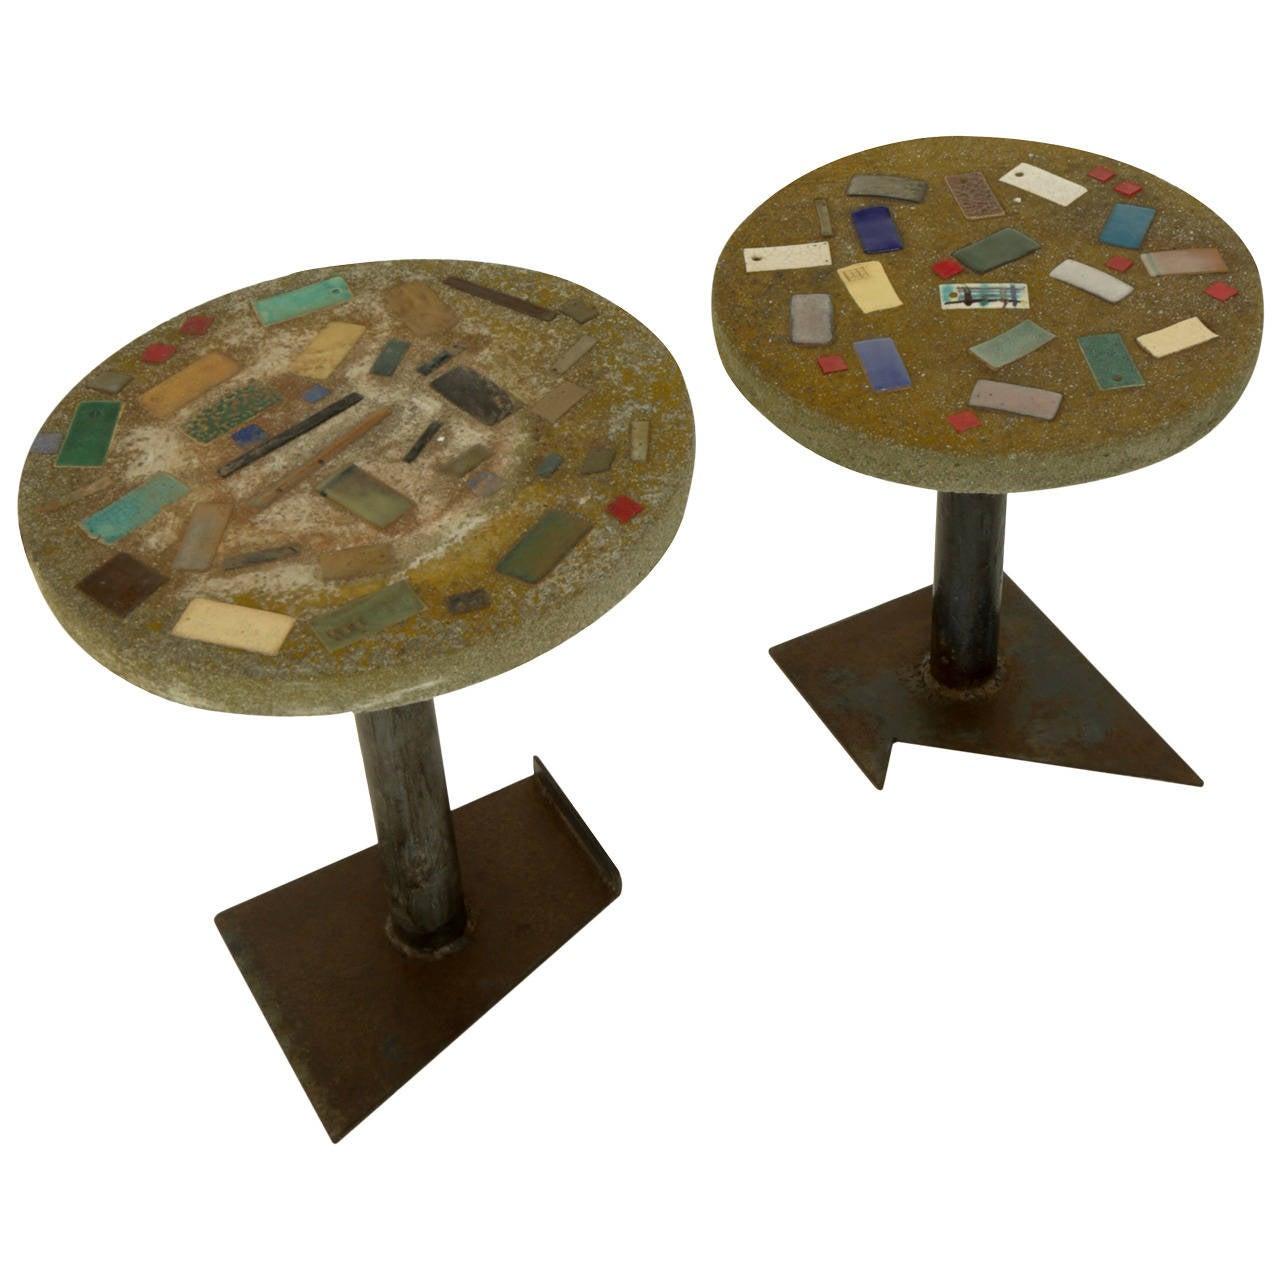 Pair of Ceramic Mosaic-Top, Concrete Accent Tables